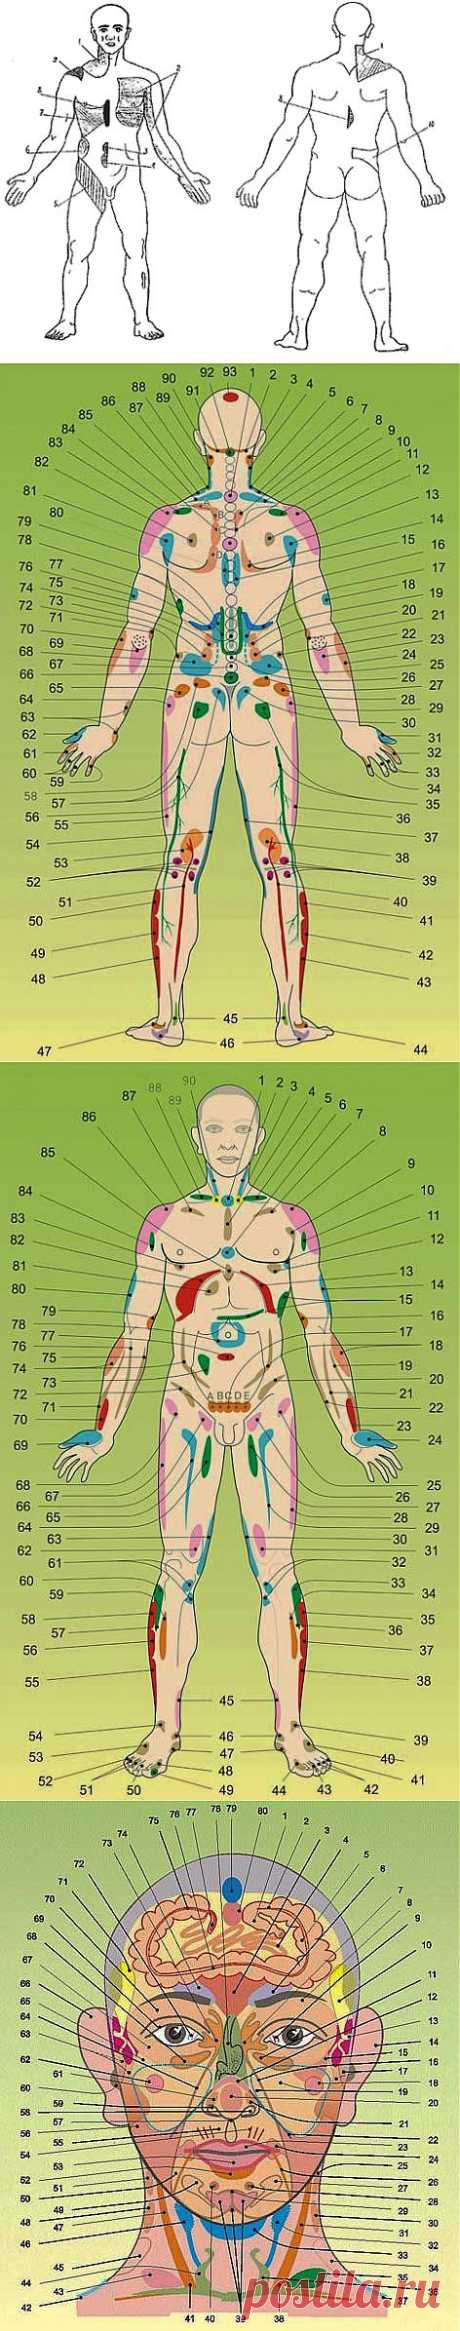 Диагностические проекционные зоны внутренних органов